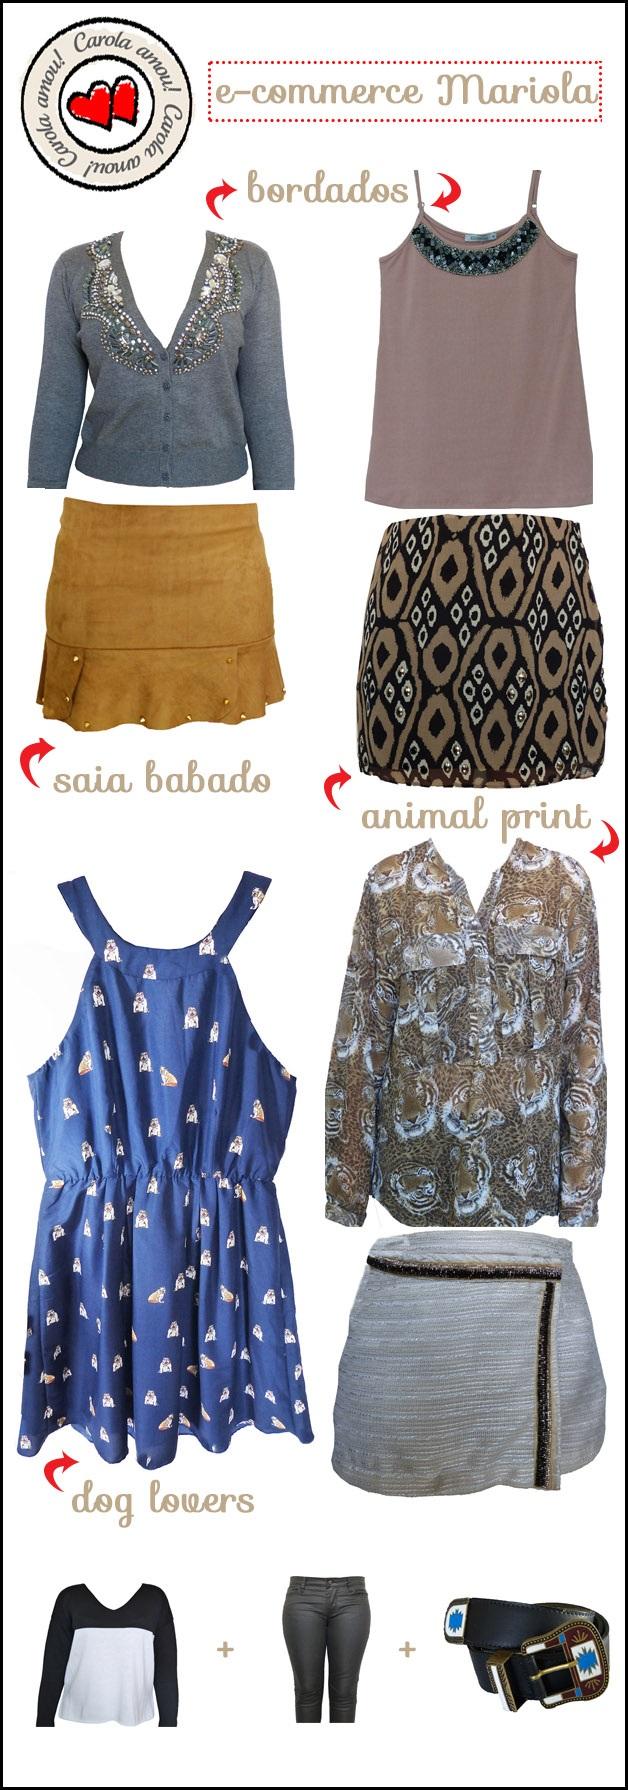 e-commerce-roupas-femininas-mariola-blog-de-moda-blog-carola-duarte